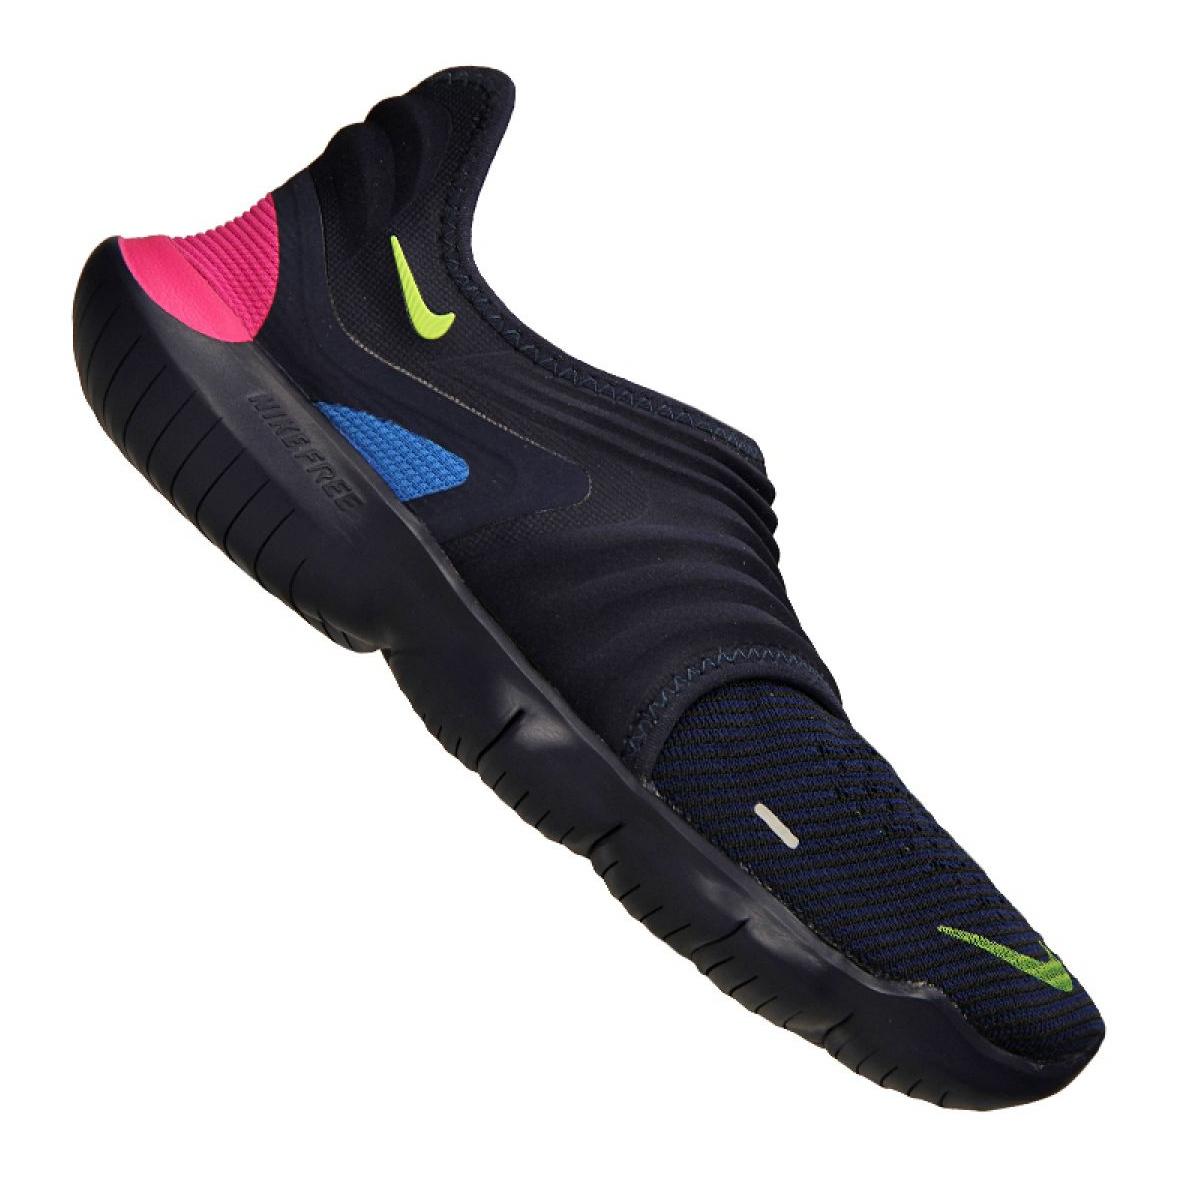 meilleur authentique e1d78 a63df Navy Nike Free Rn Flyknit 3.0 M AQ5707-400 shoes